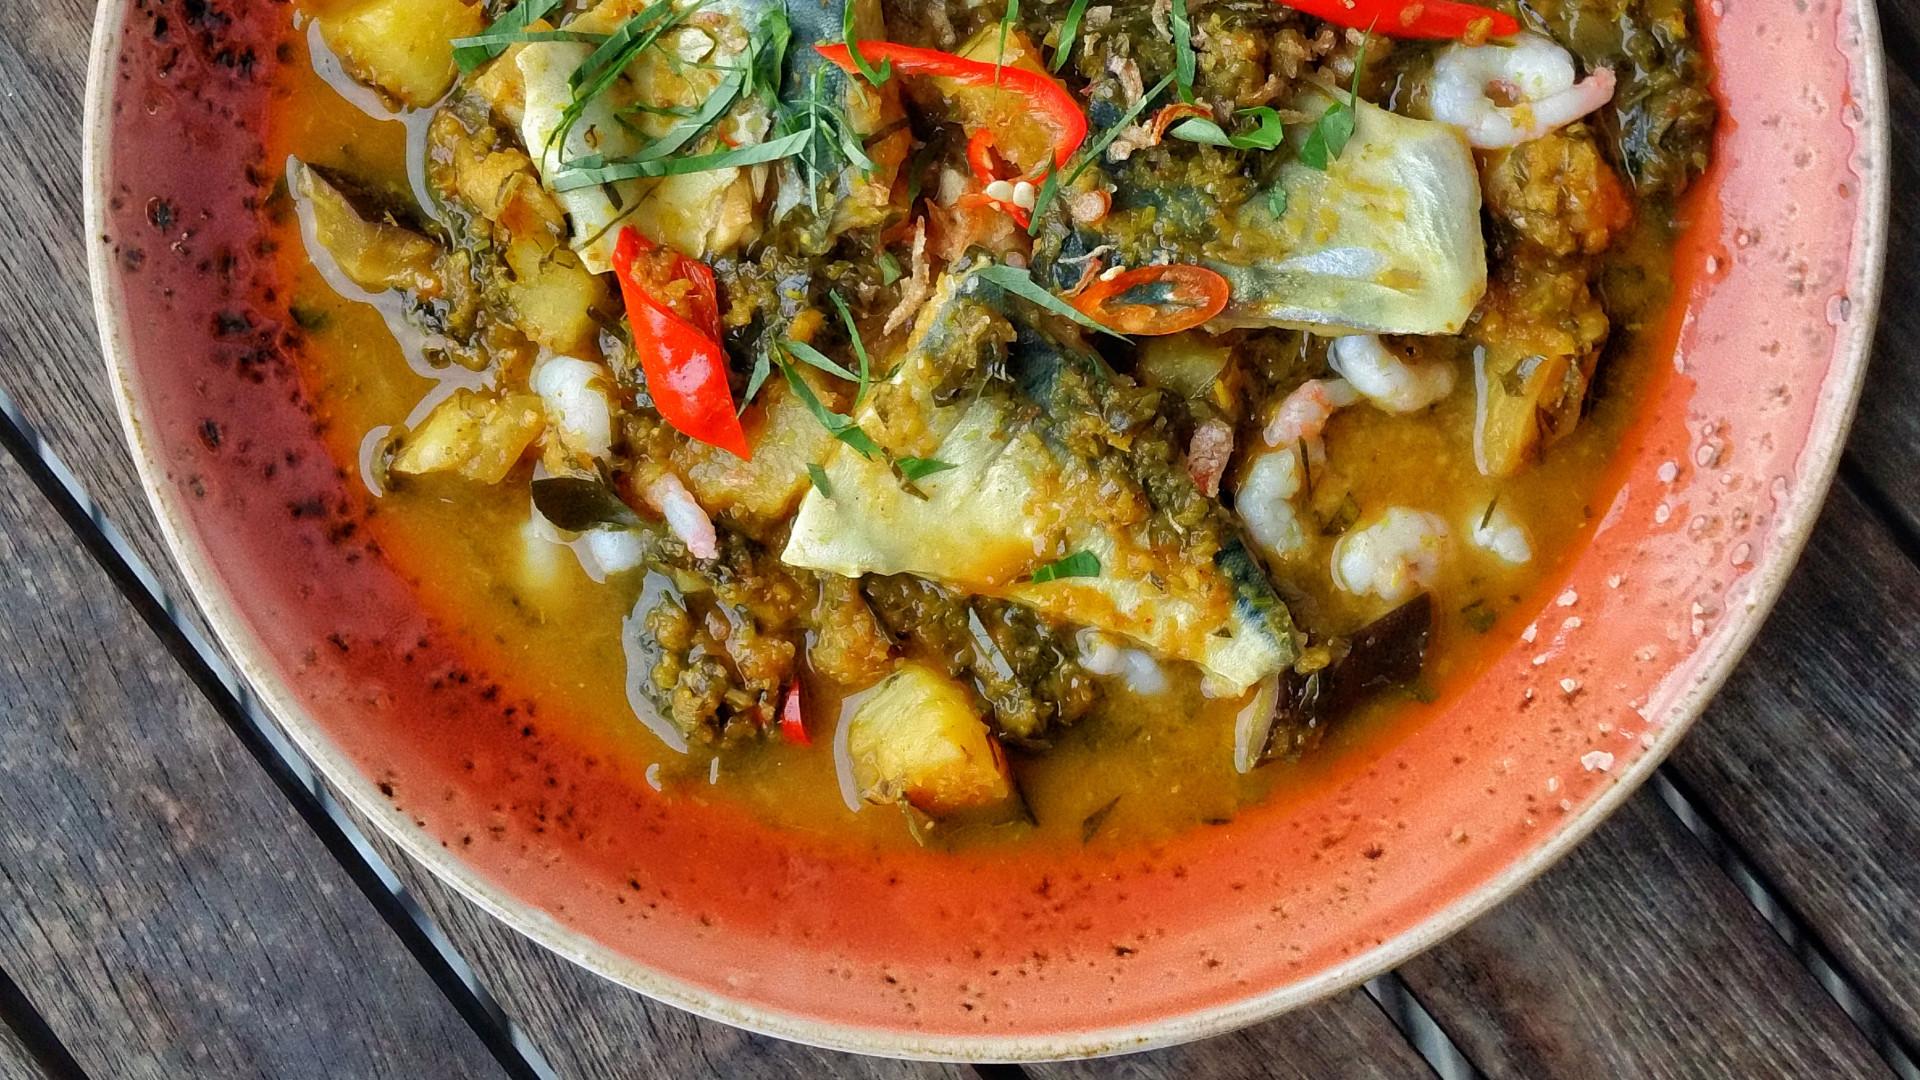 Mackerel and pineapple 'assam pedas' curry